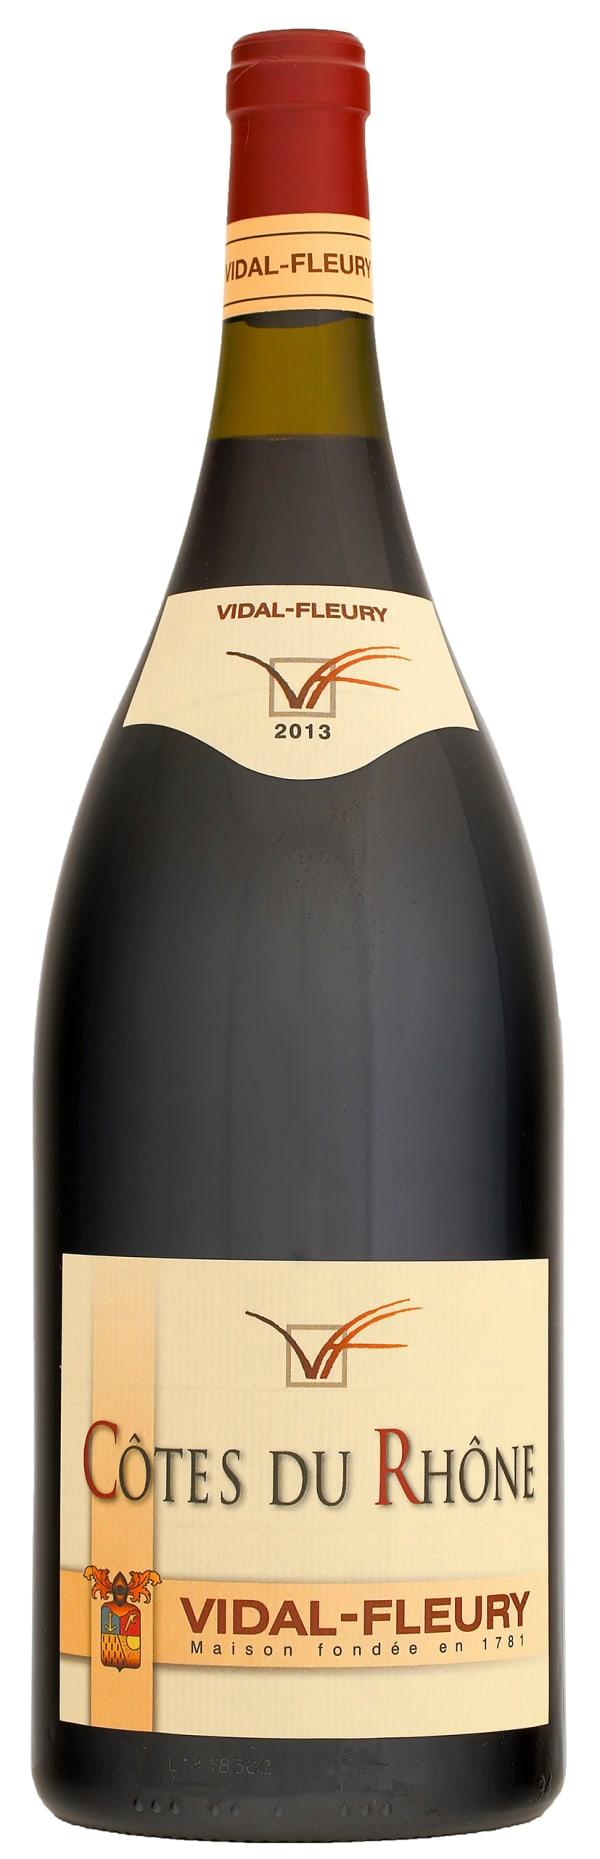 Vidal-Fleury Côtes du Rhône 2015